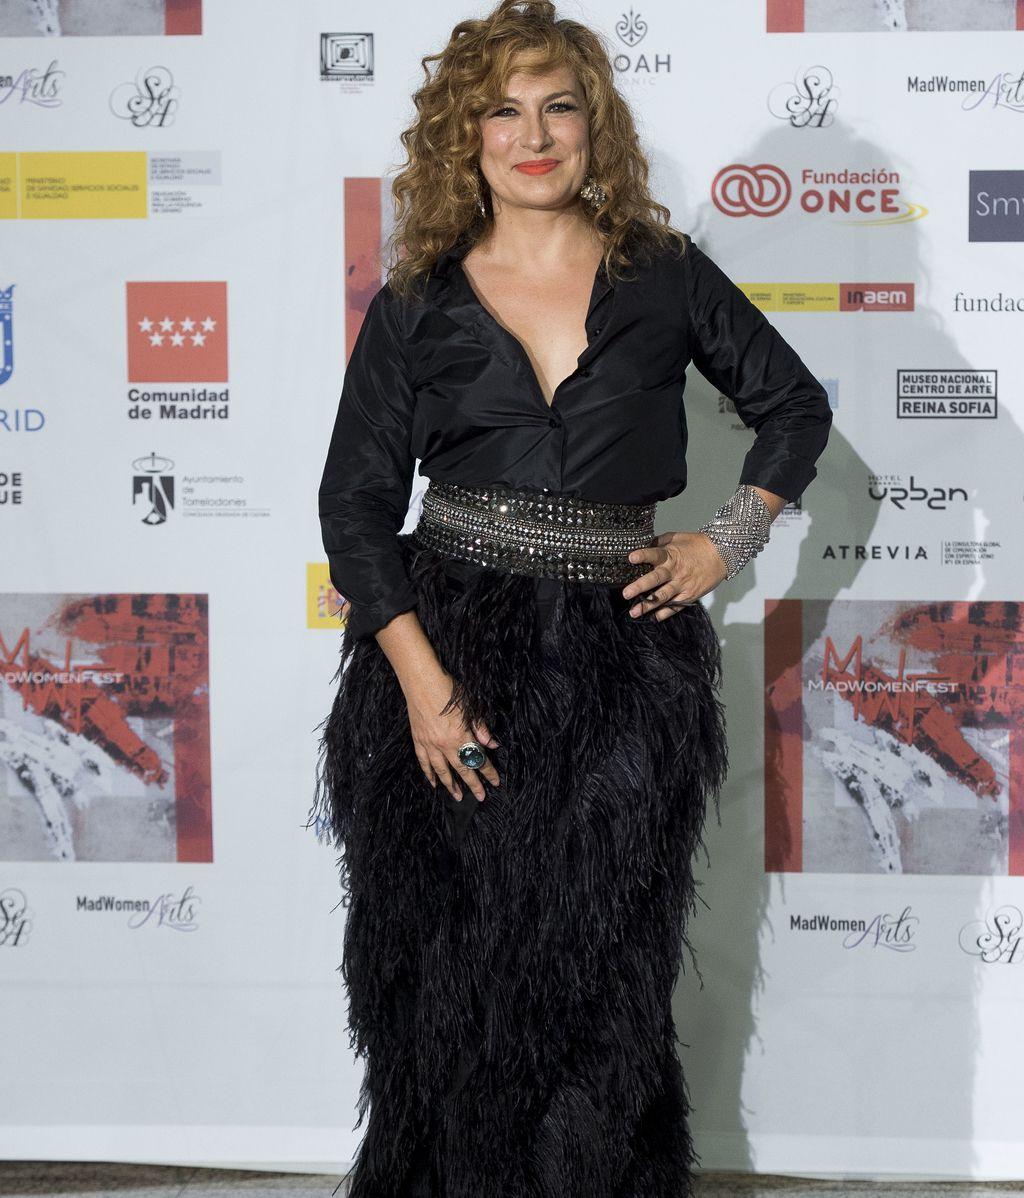 El brilli brilli de Lara Álvarez y los bordados de AR: mujeres apoyando a mujeres en el MadWomen Fest